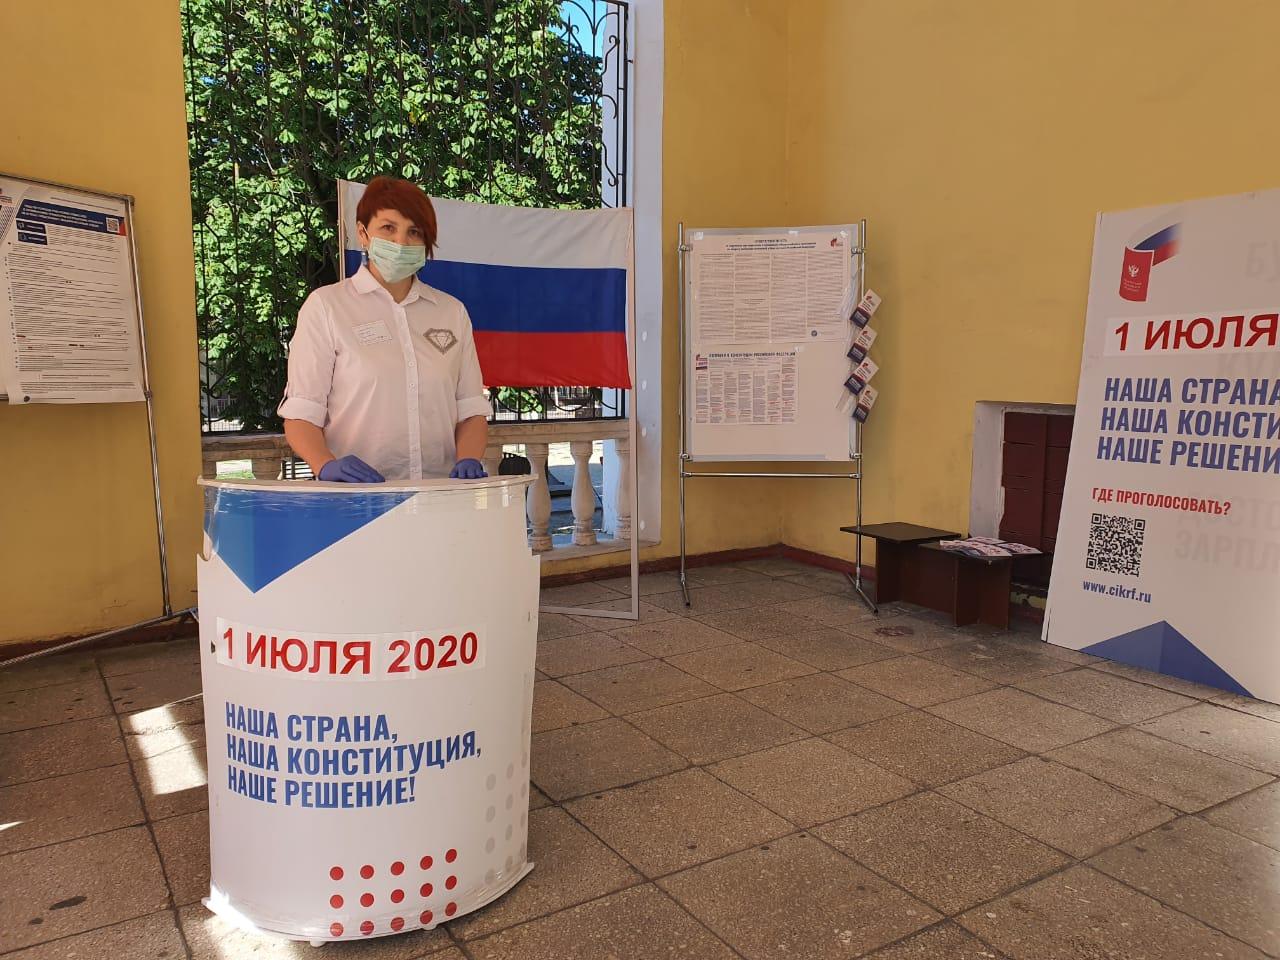 В Брянске открылись участки для голосования по поправкам в Конституцию